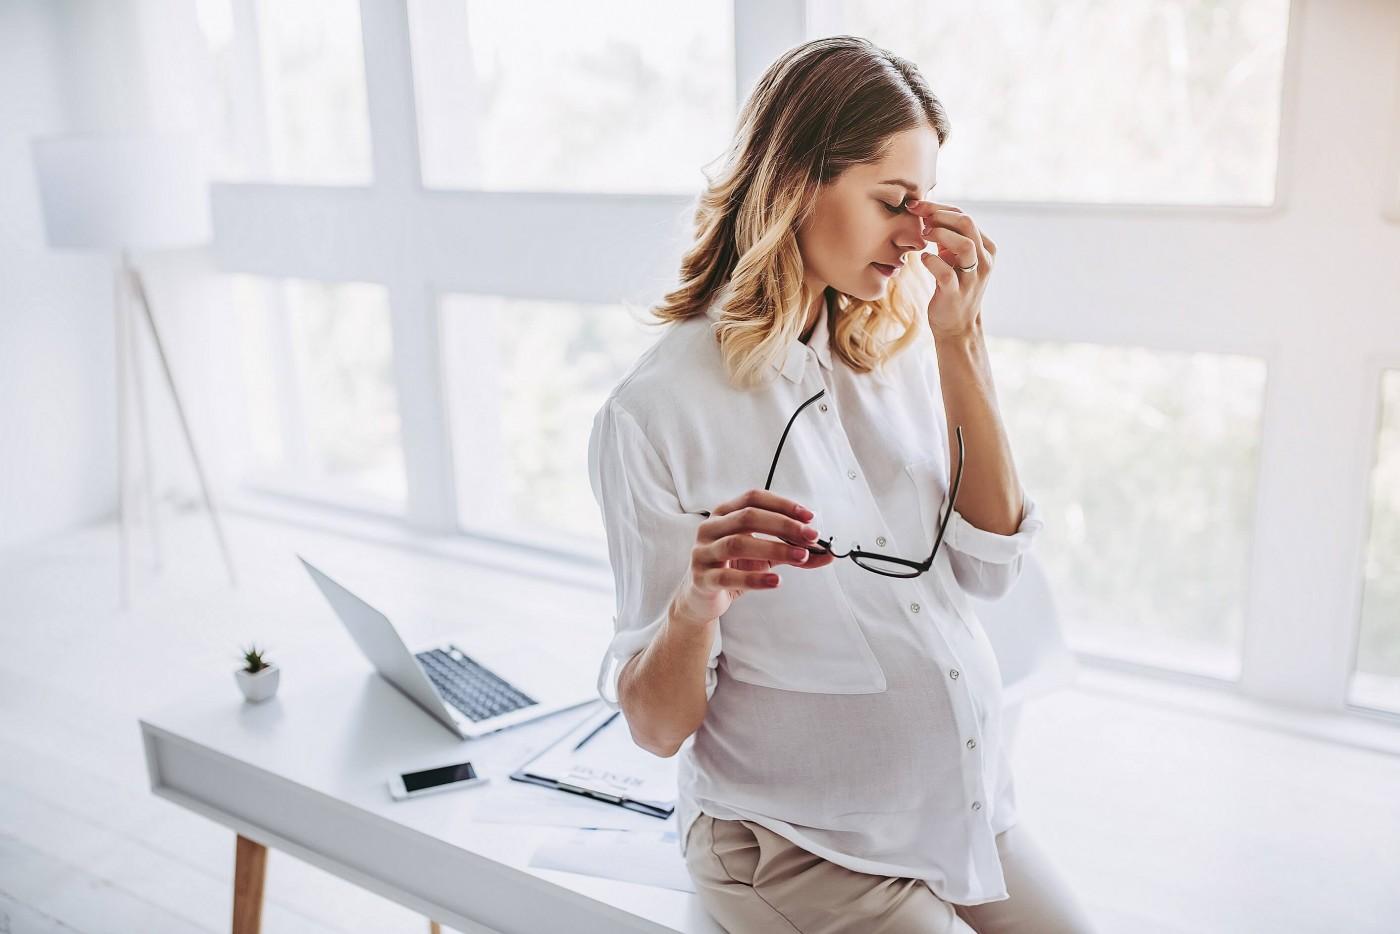 При беременности падает зрение: почему так происходит и что делать?